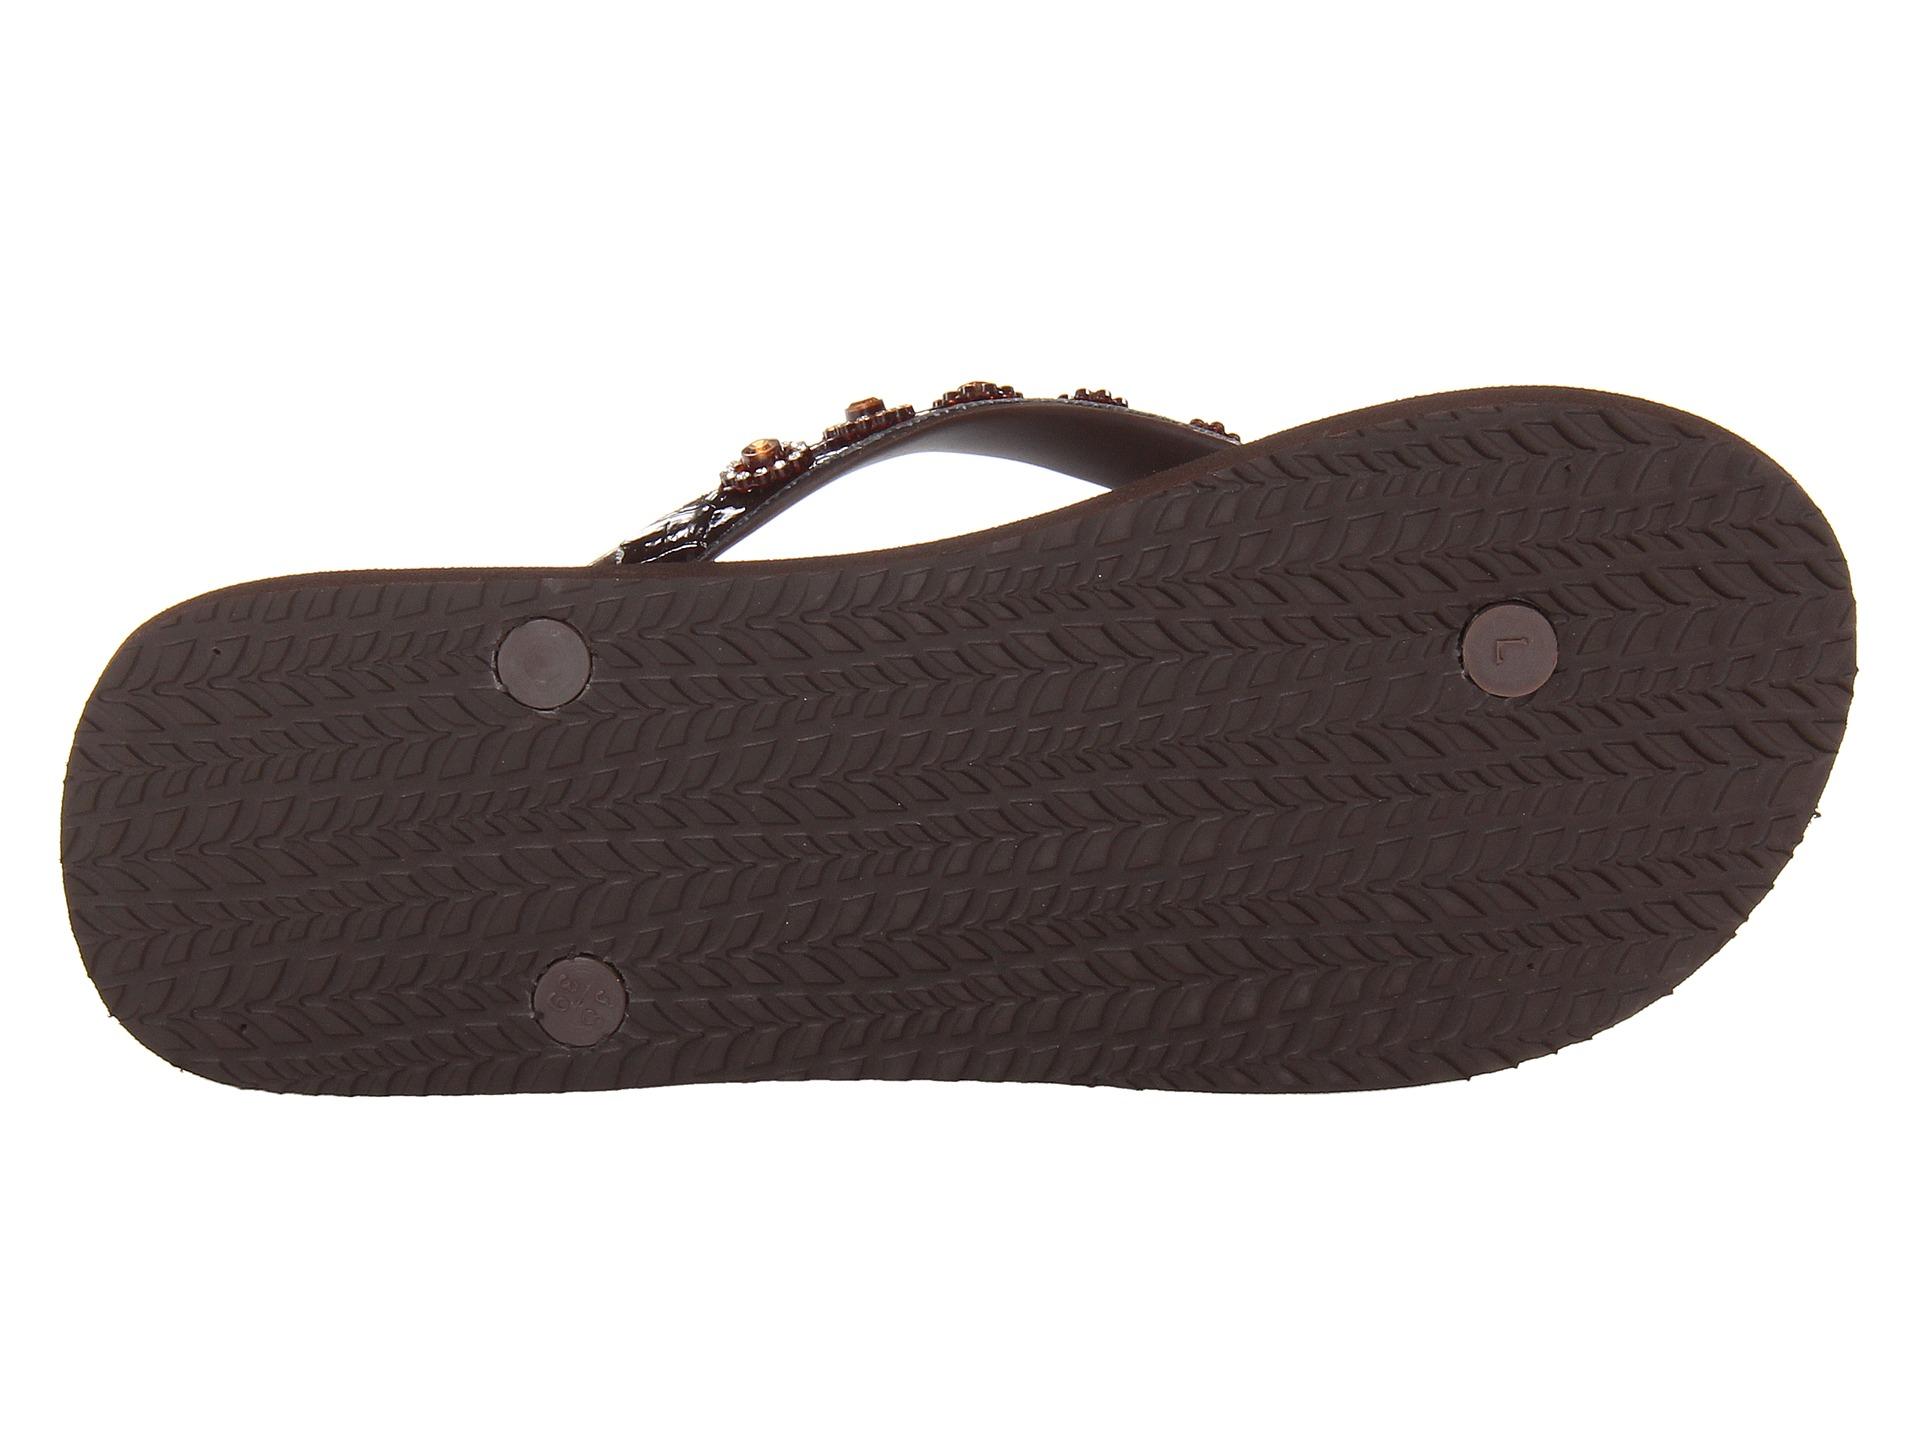 16636aaa4654 Sparkling Flip Flops For Kids Justin ~ Kids Sandals